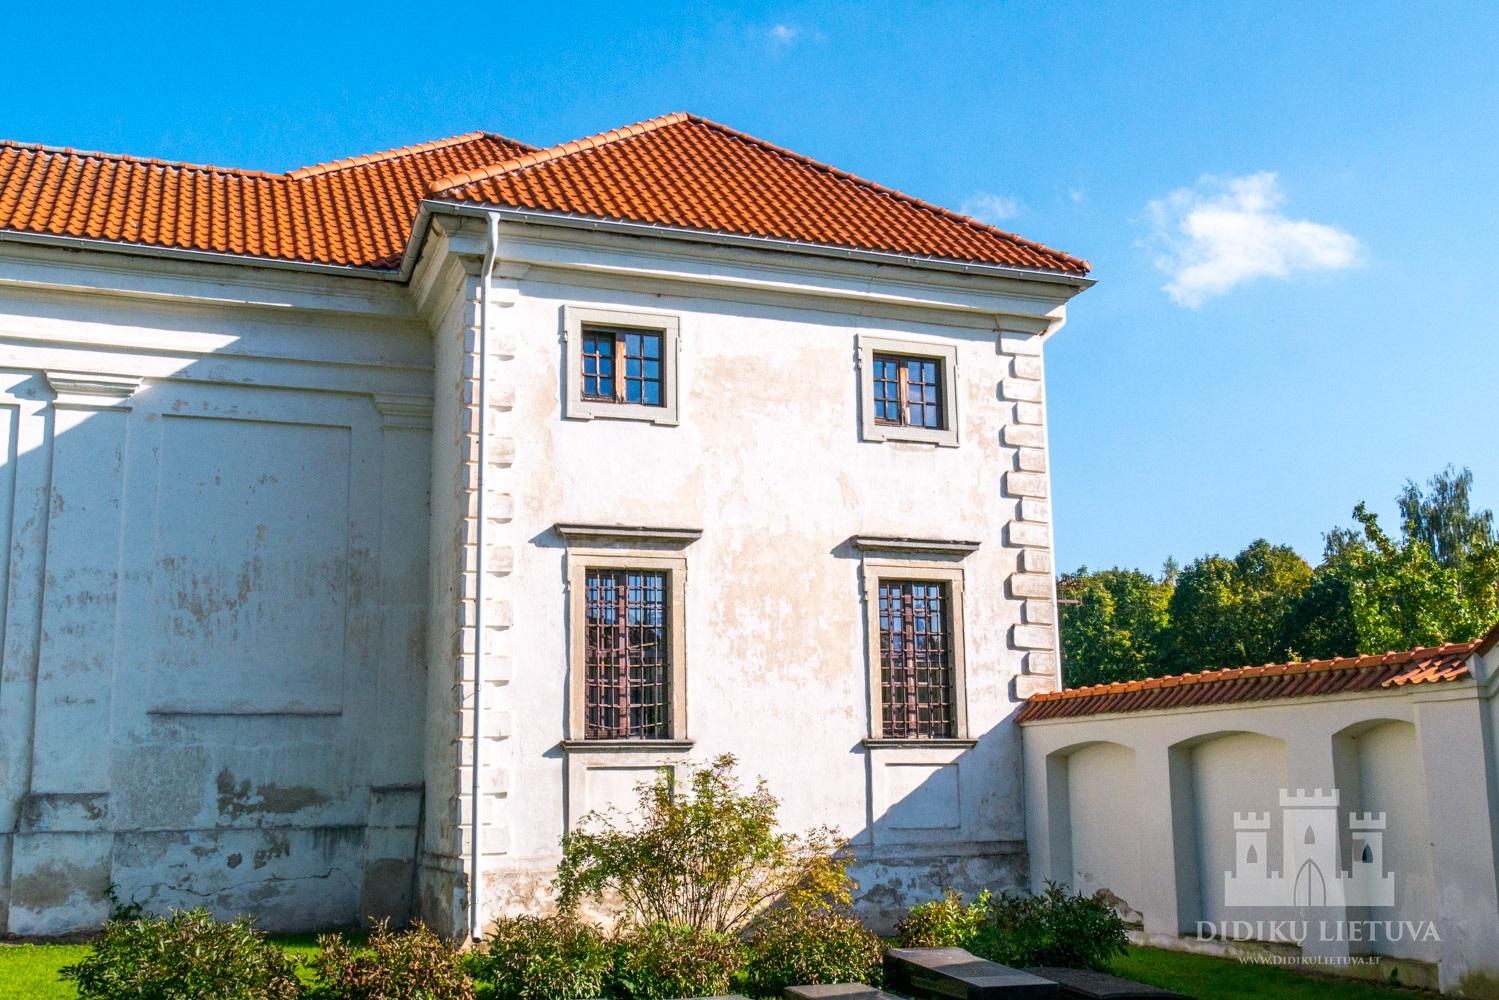 Pažaislio kamaldulių vienuolyno ansamblio vienuolyno pietų namas